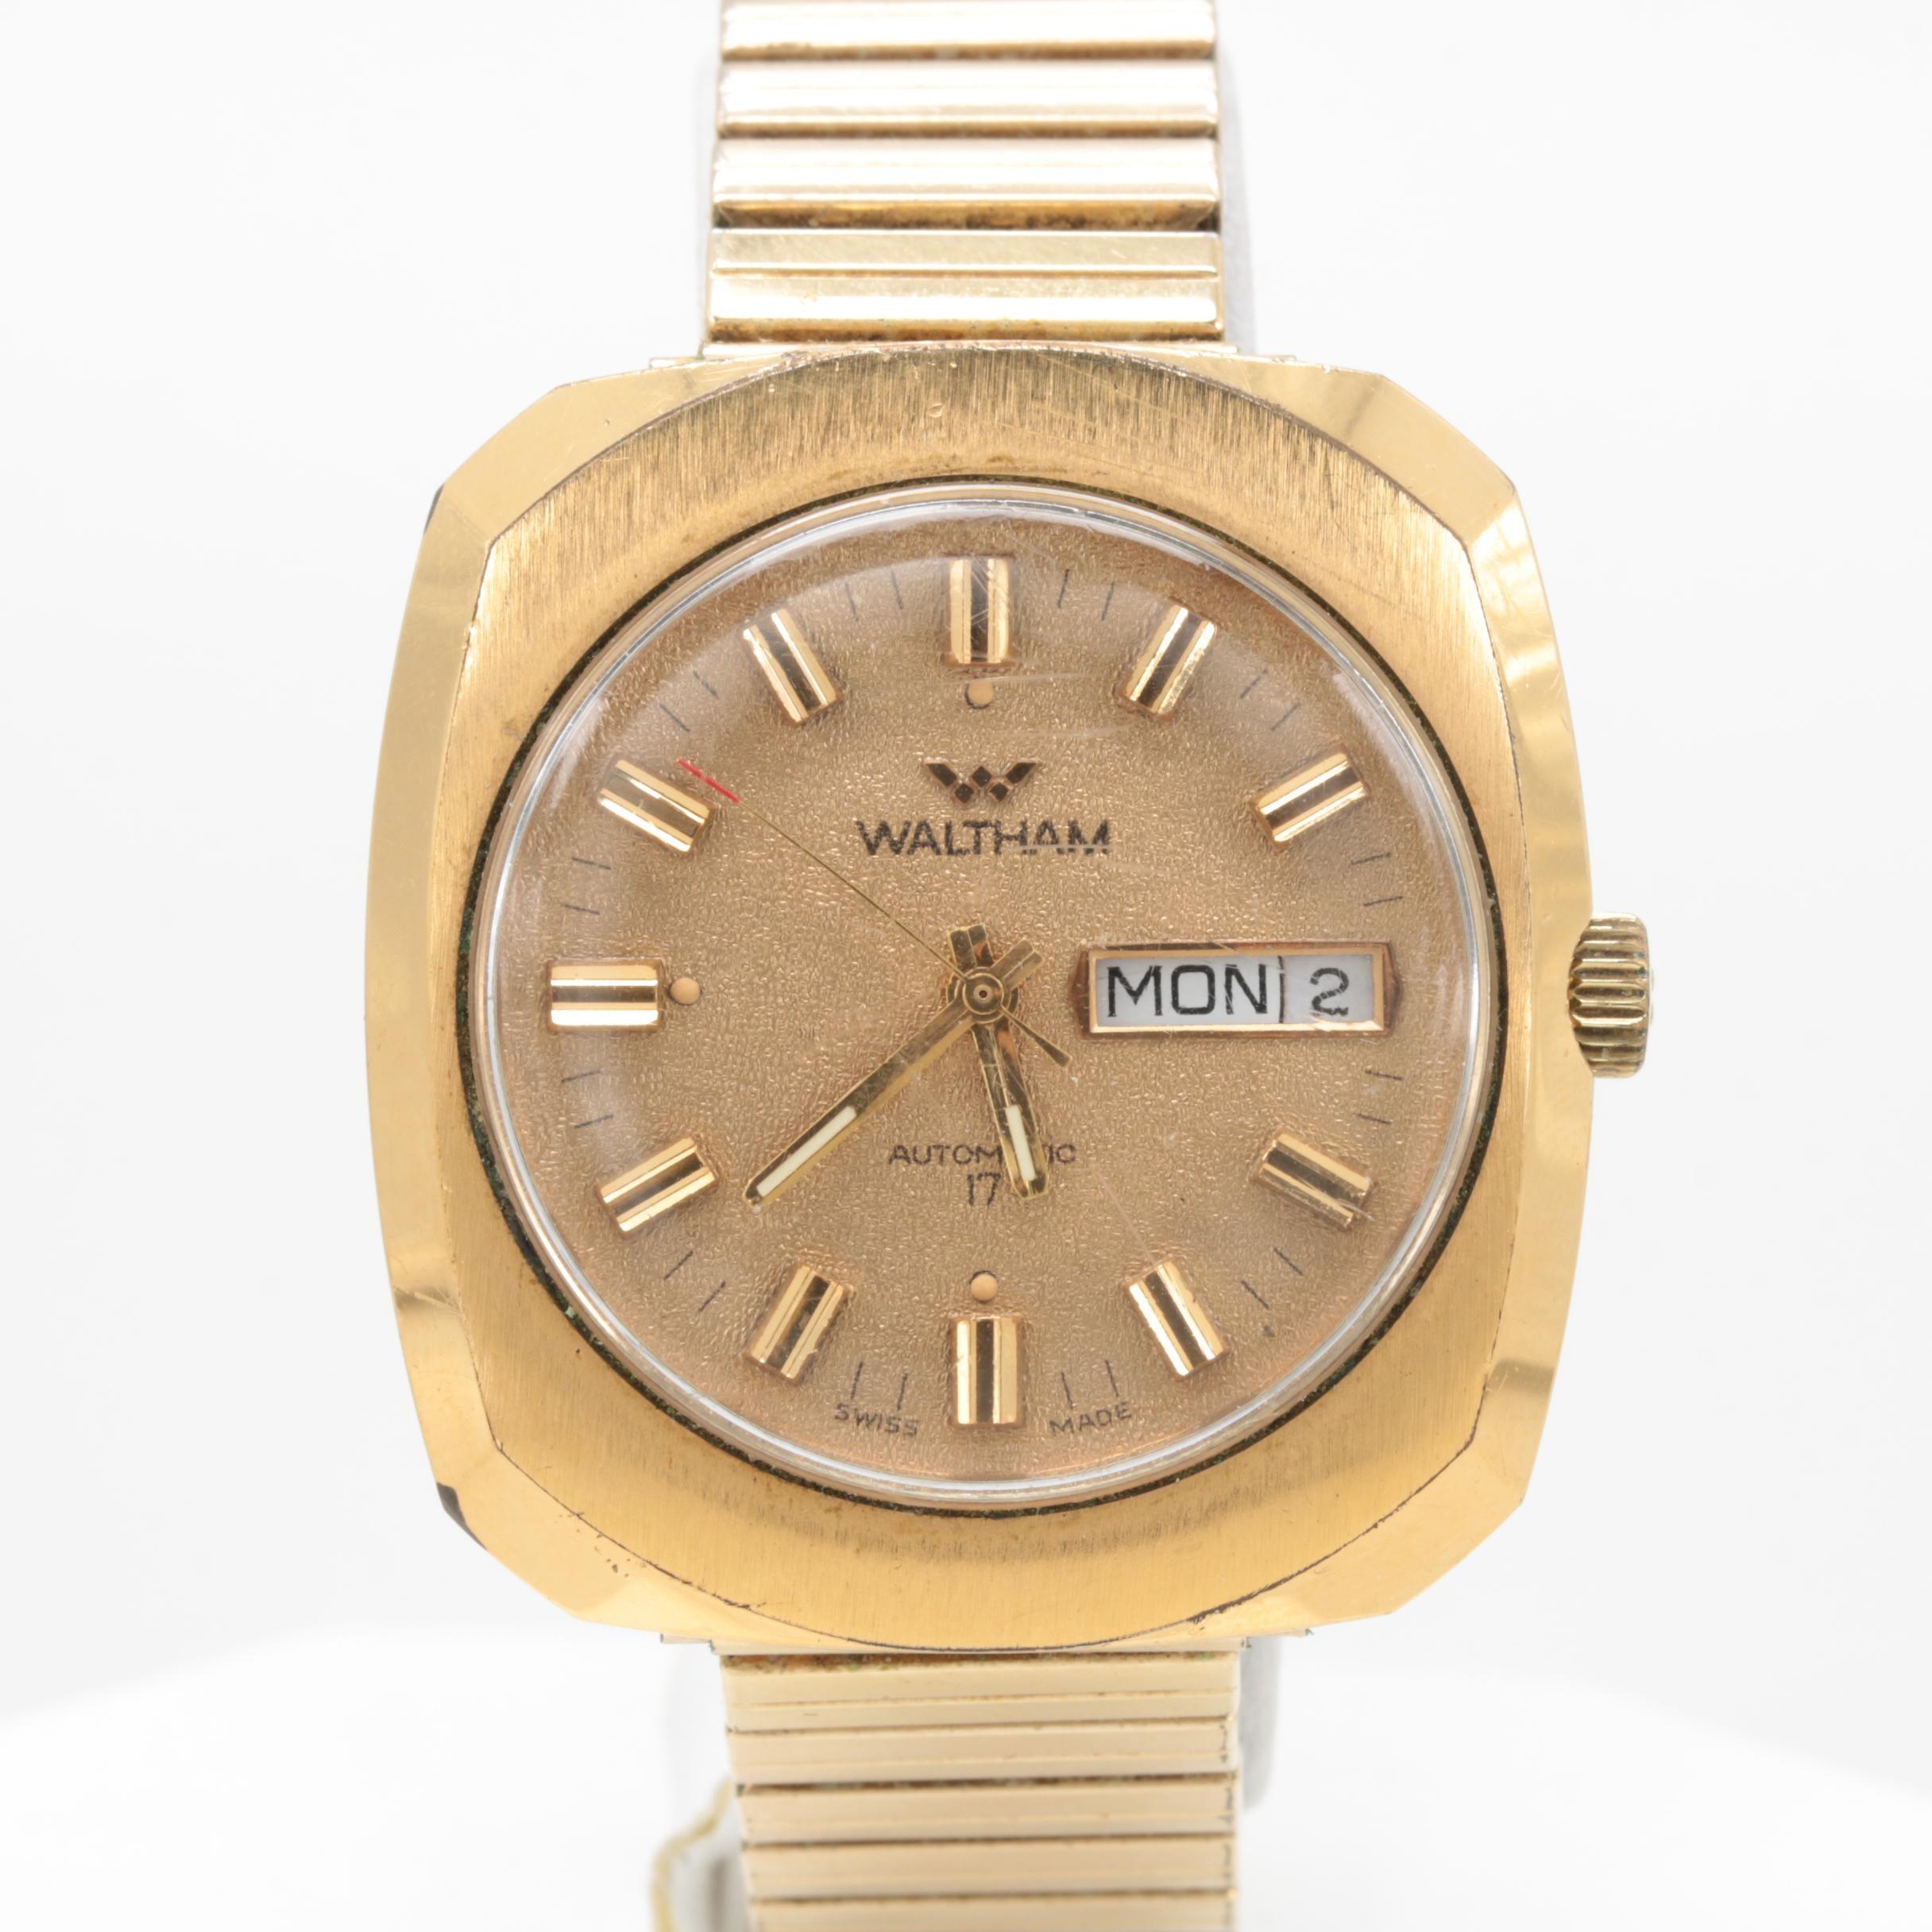 Waltham Gold Tone Automatic Wristwatch